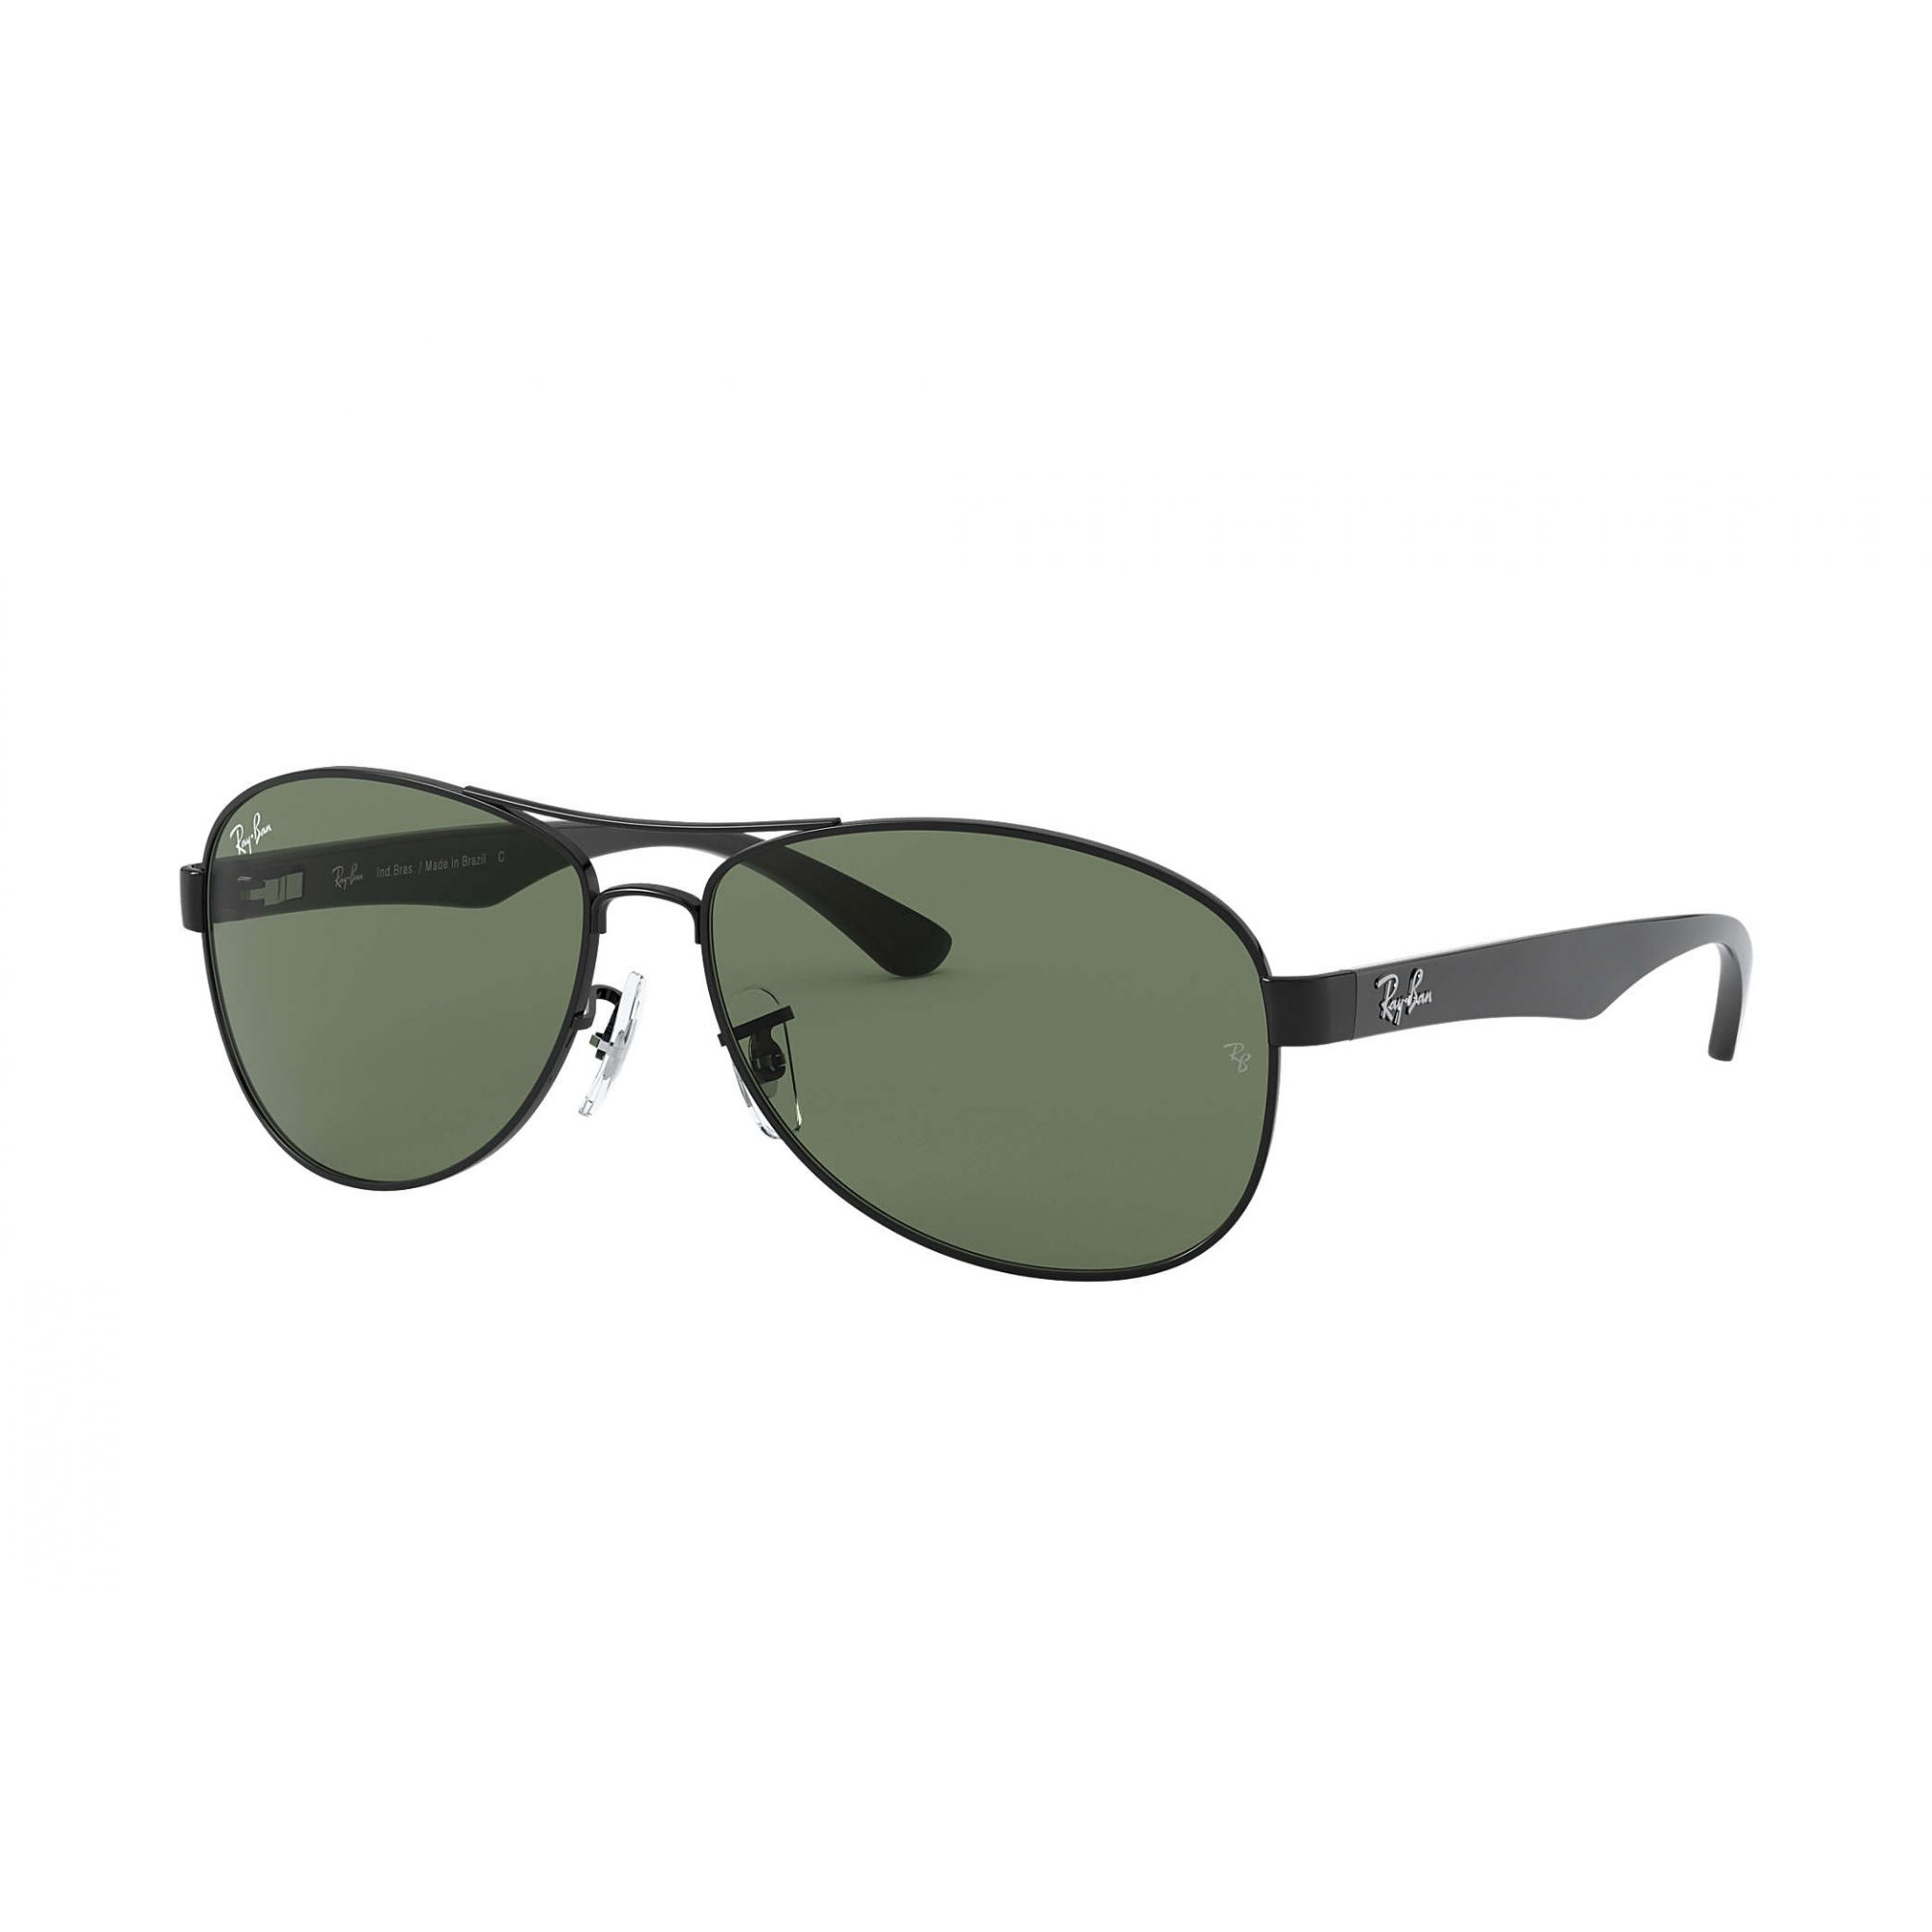 Ray Ban - RB3525L 00271 - Óculos de sol